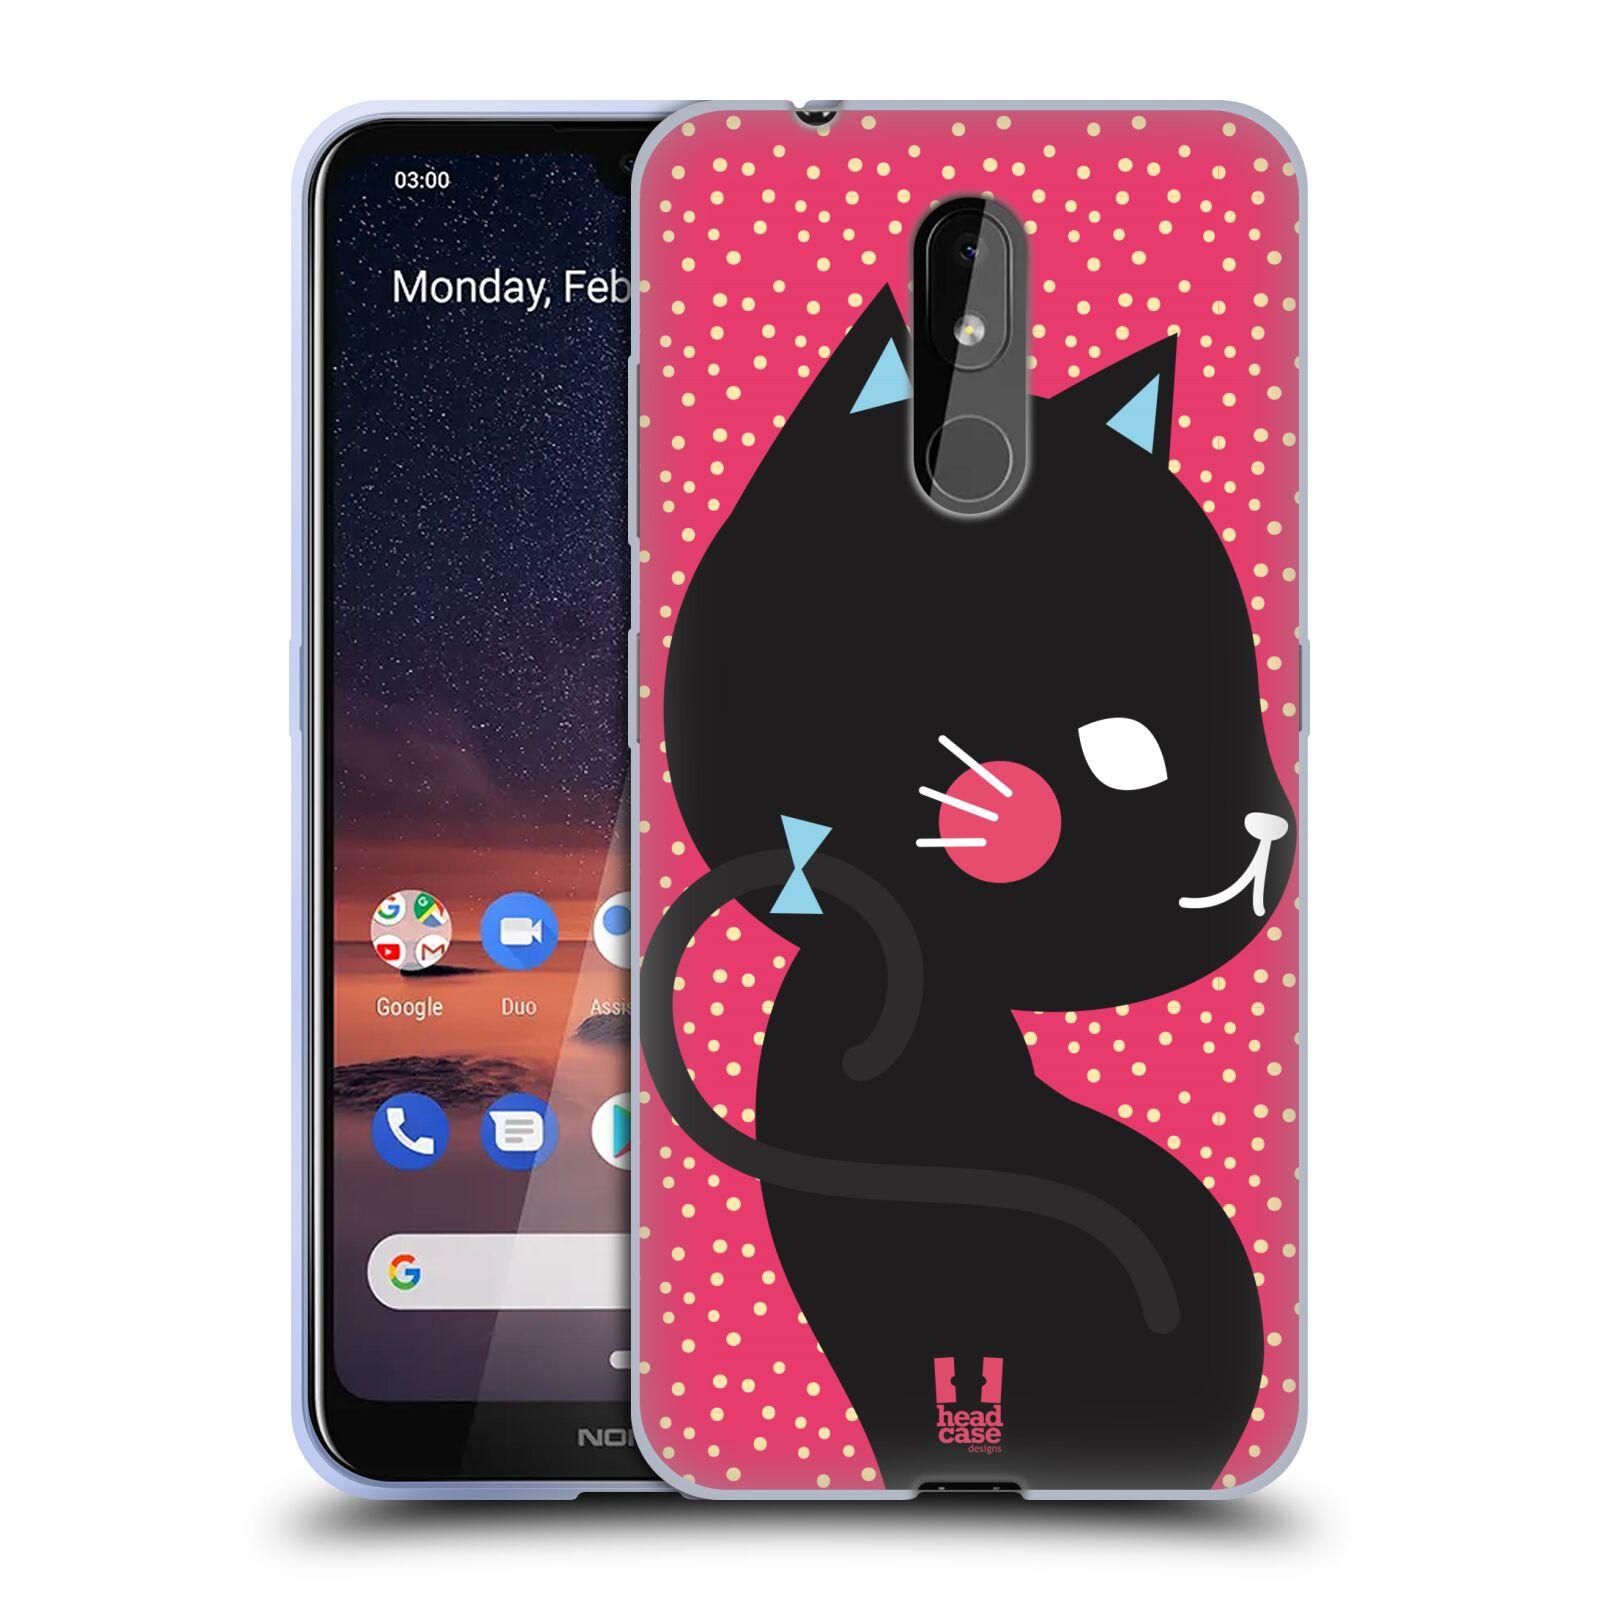 Silikonové pouzdro na mobil Nokia 3.2 - Head Case - KOČIČKA Černá NA RŮŽOVÉ